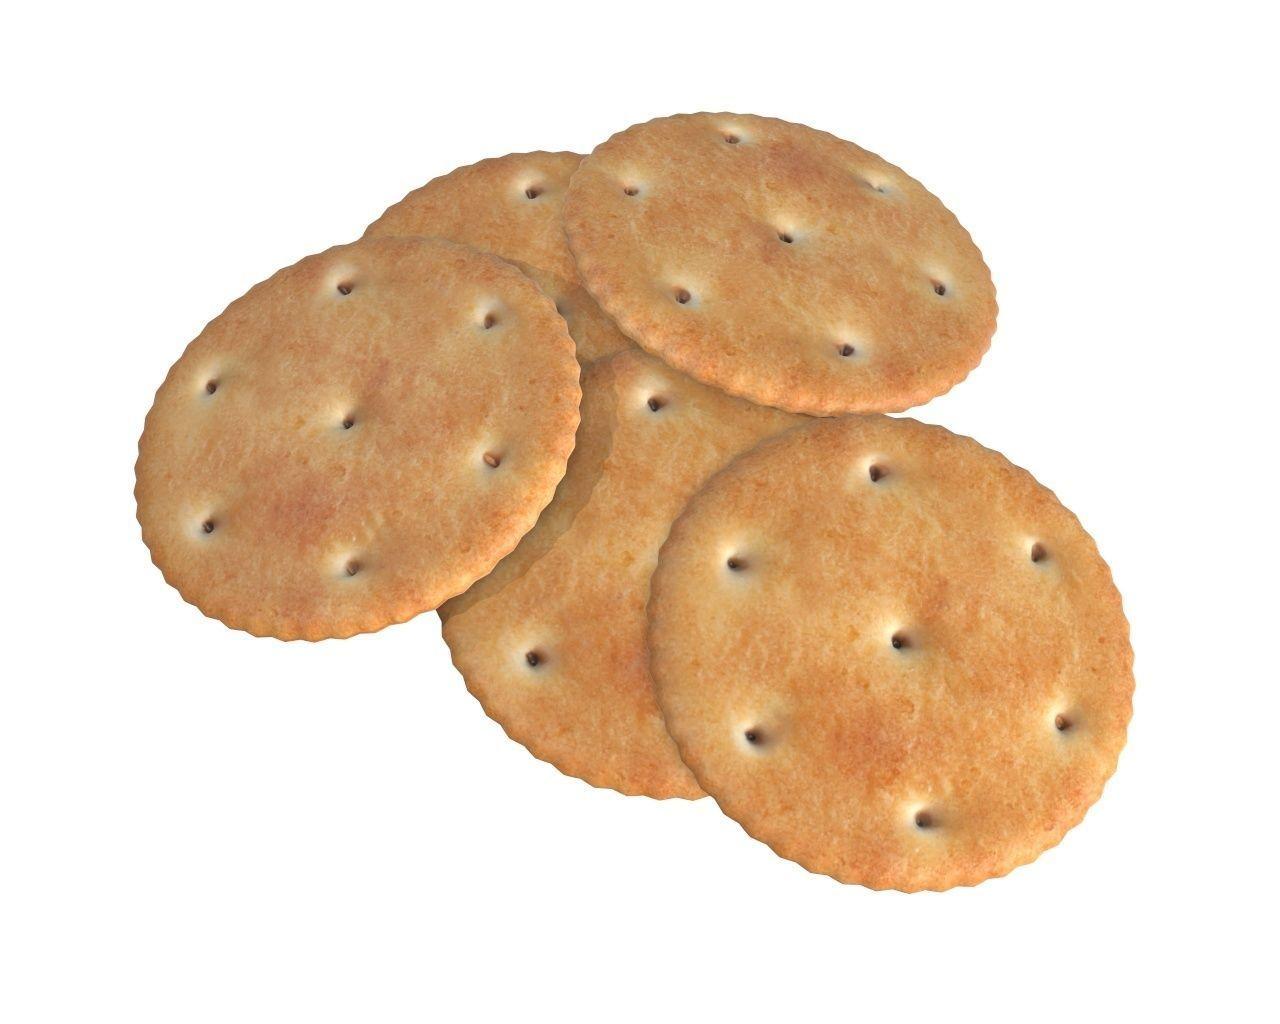 Round cookie